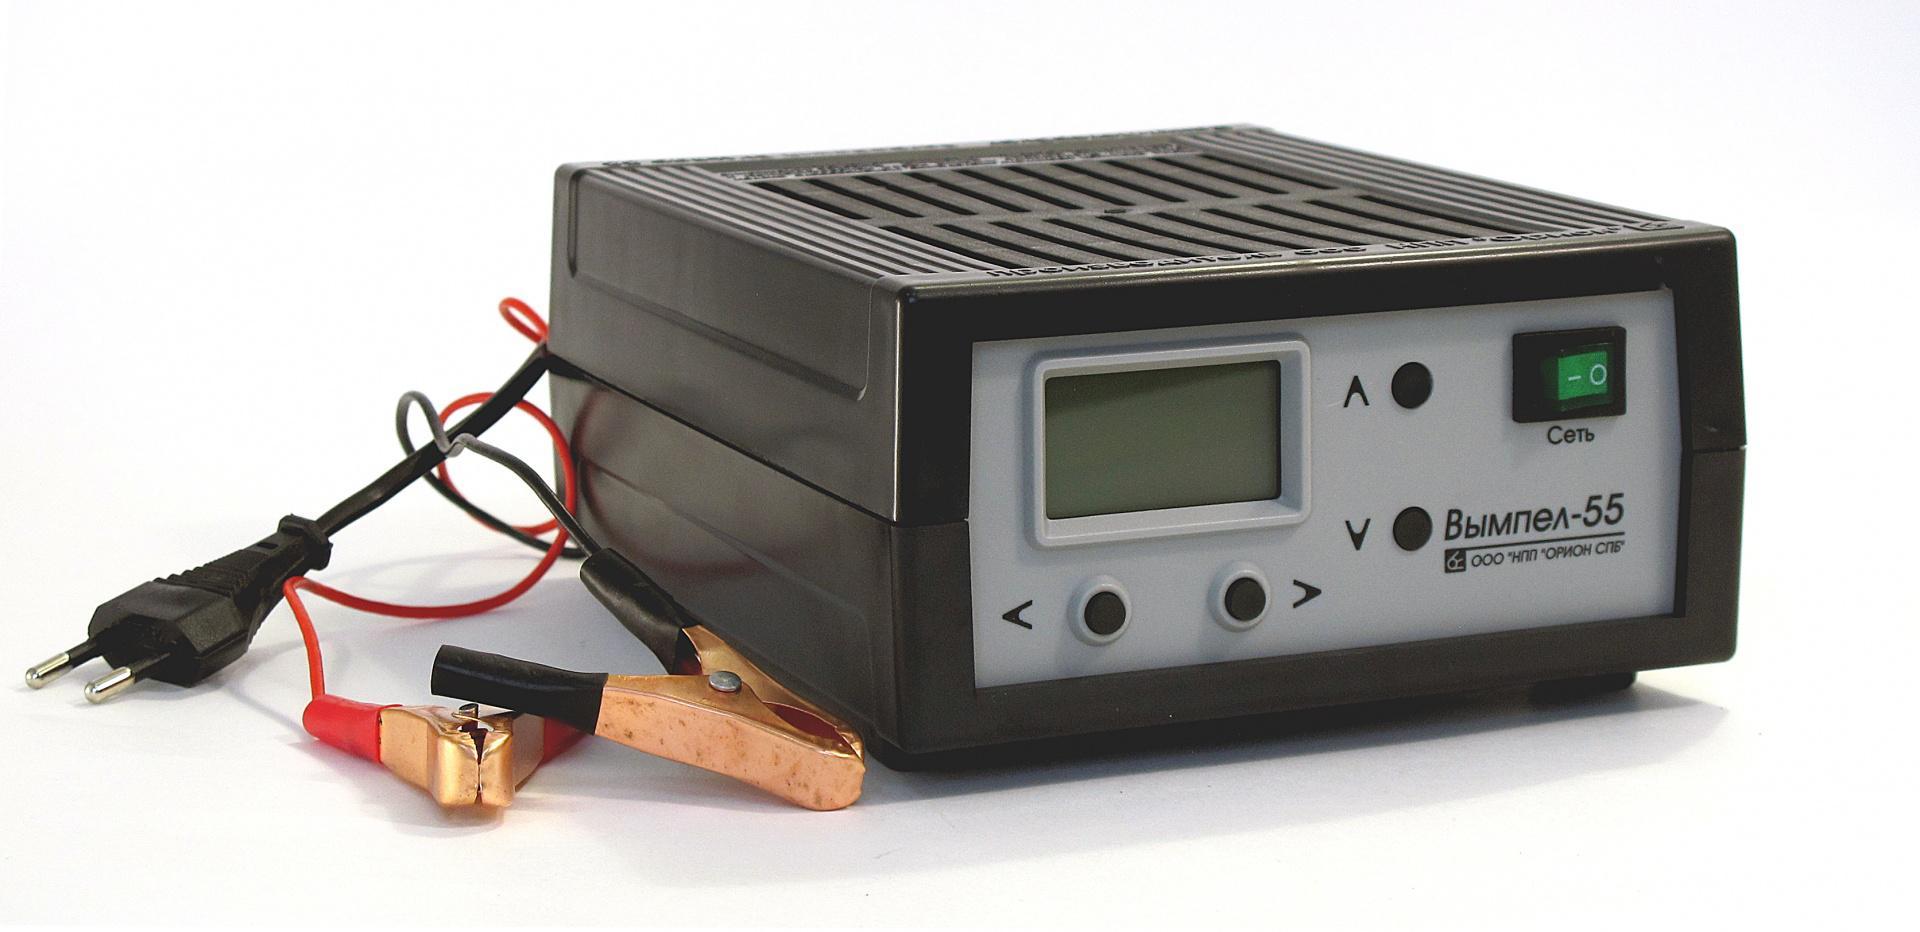 Зарядное устройство ОРИОН Вымпел-55 зарядное устройство орион 265